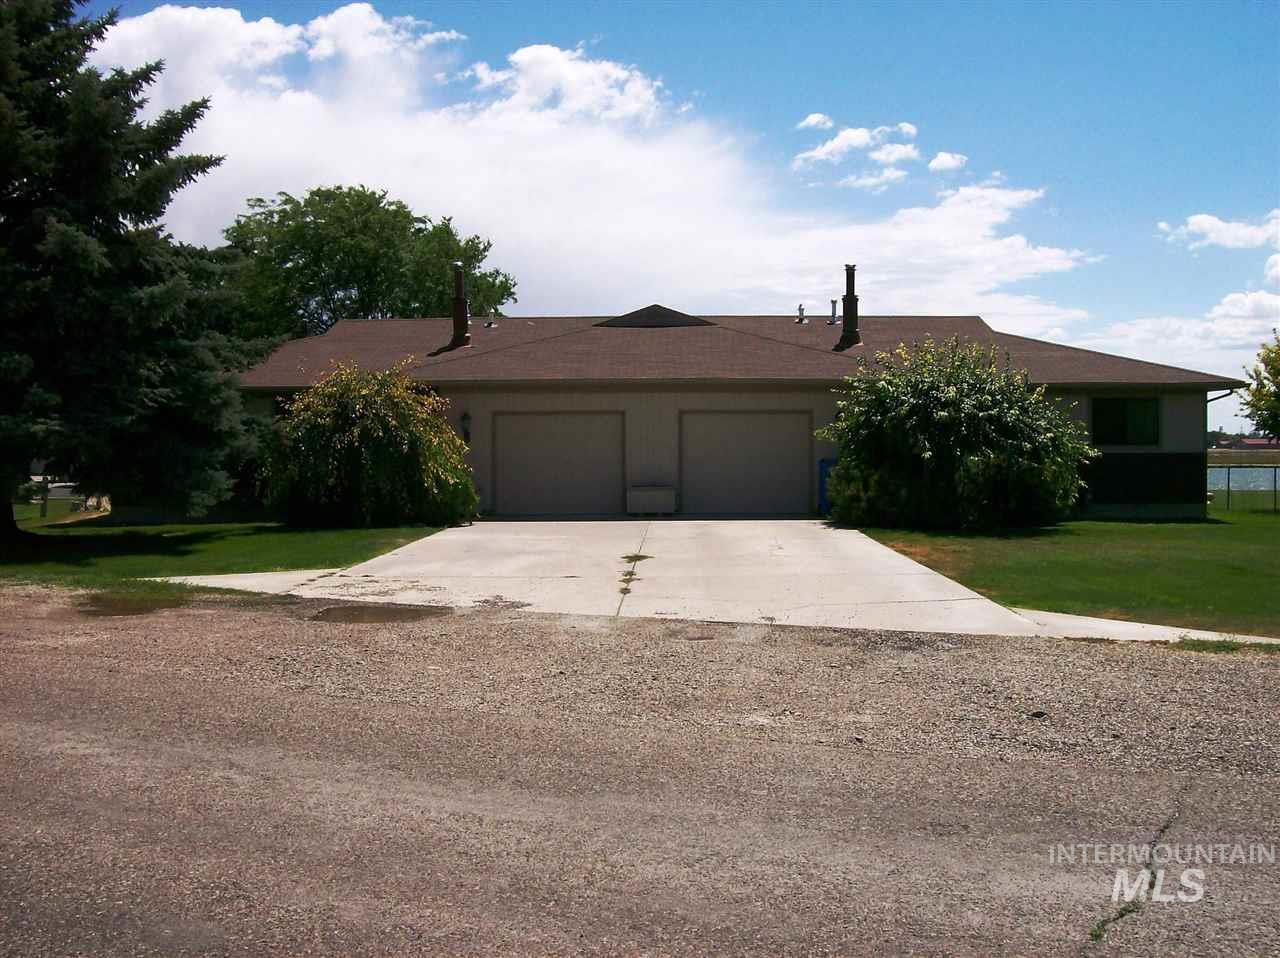 Casa Multifamiliar por un Venta en 2343 River Road Heyburn, Idaho 83336